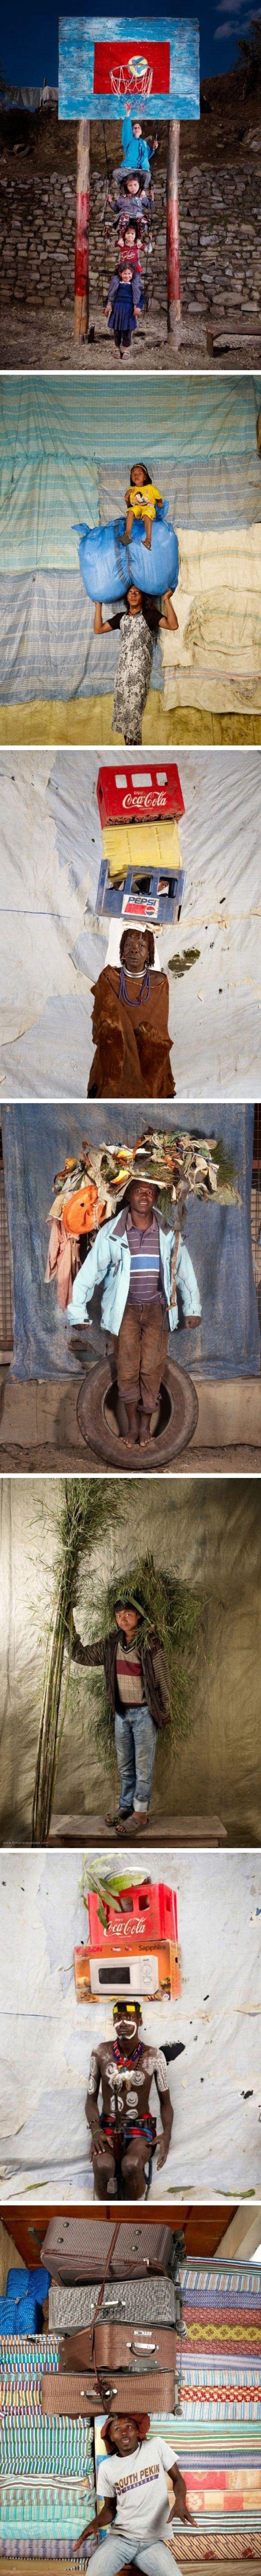 Dünya İnsanı ve Onların Taşıdığı Ağırlıklar www.4finite.com